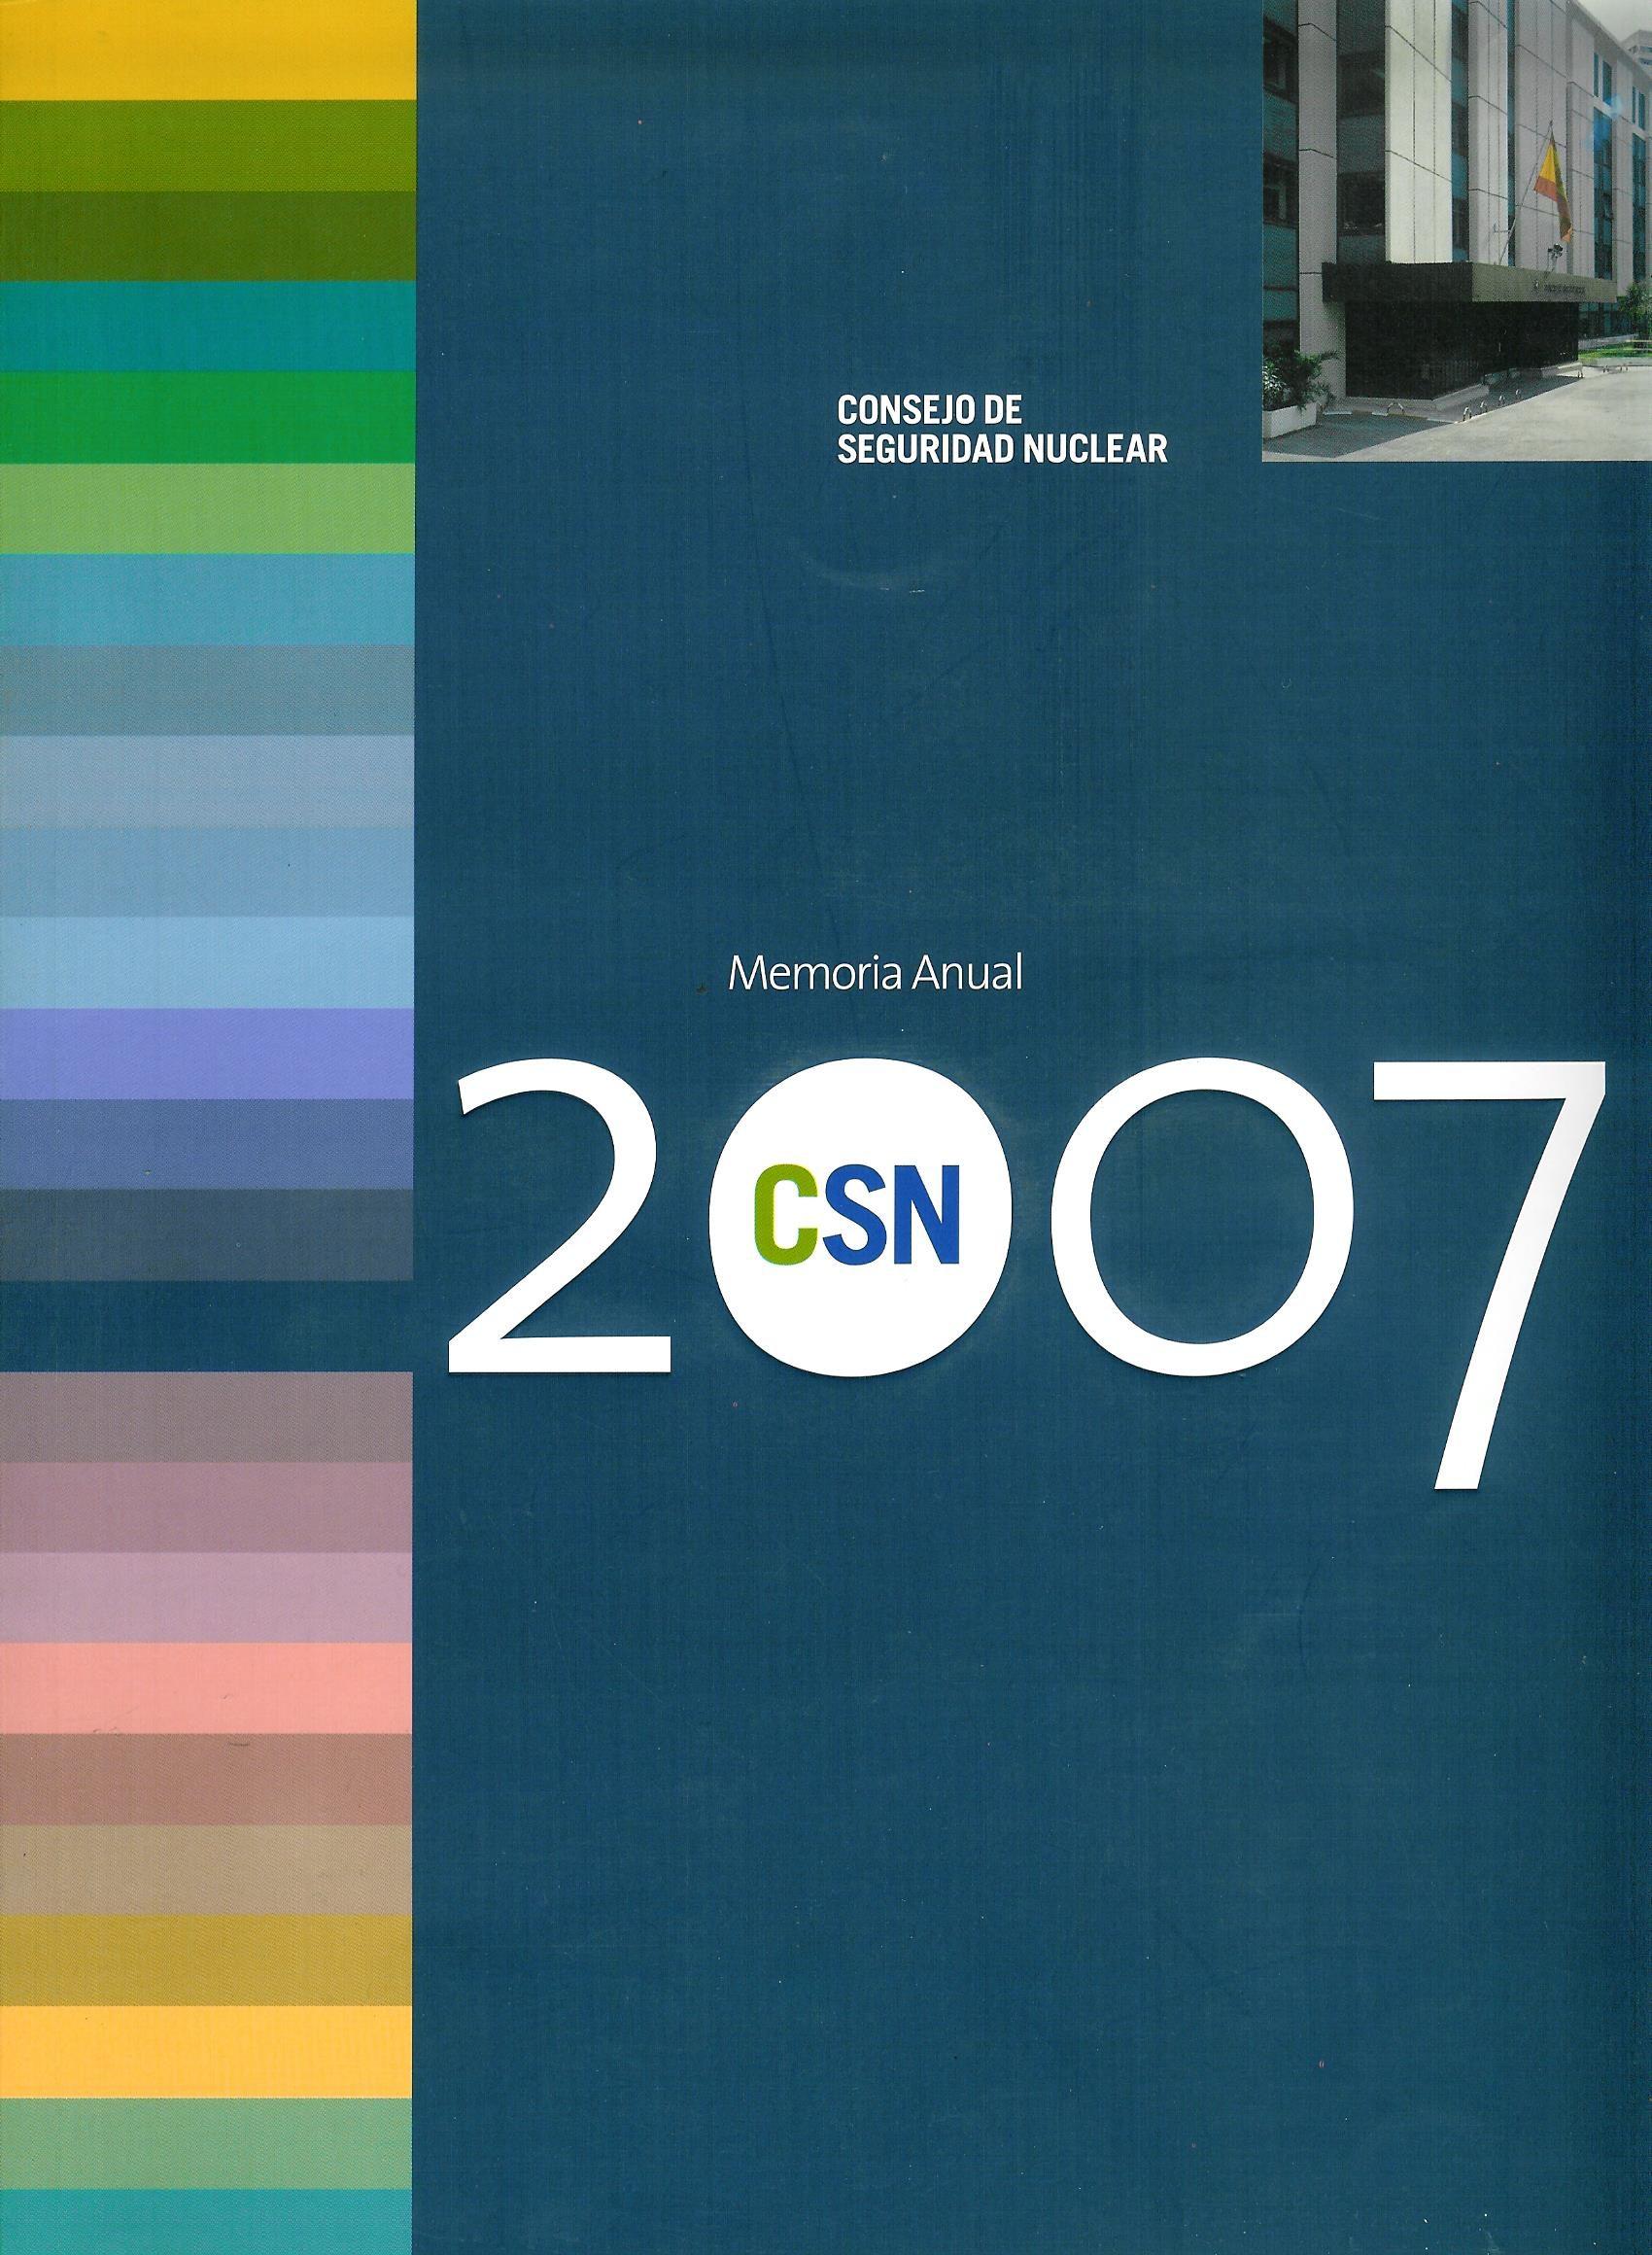 Memoria Anual 2007 CSN